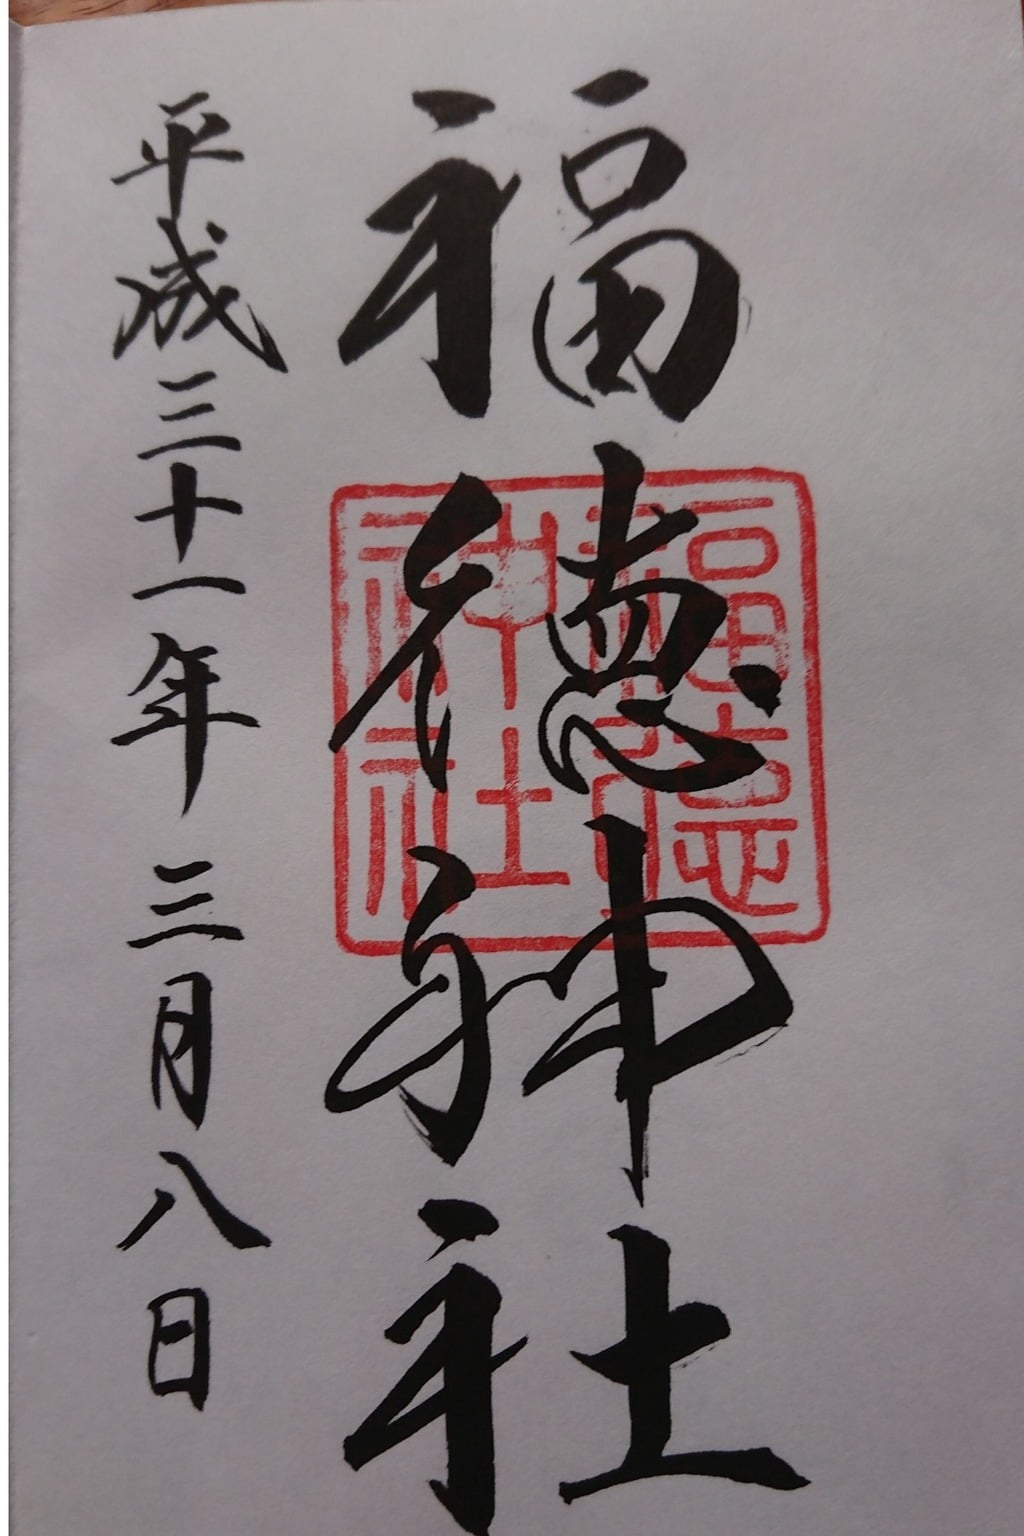 福徳神社(福徳稲荷神社)の御朱印